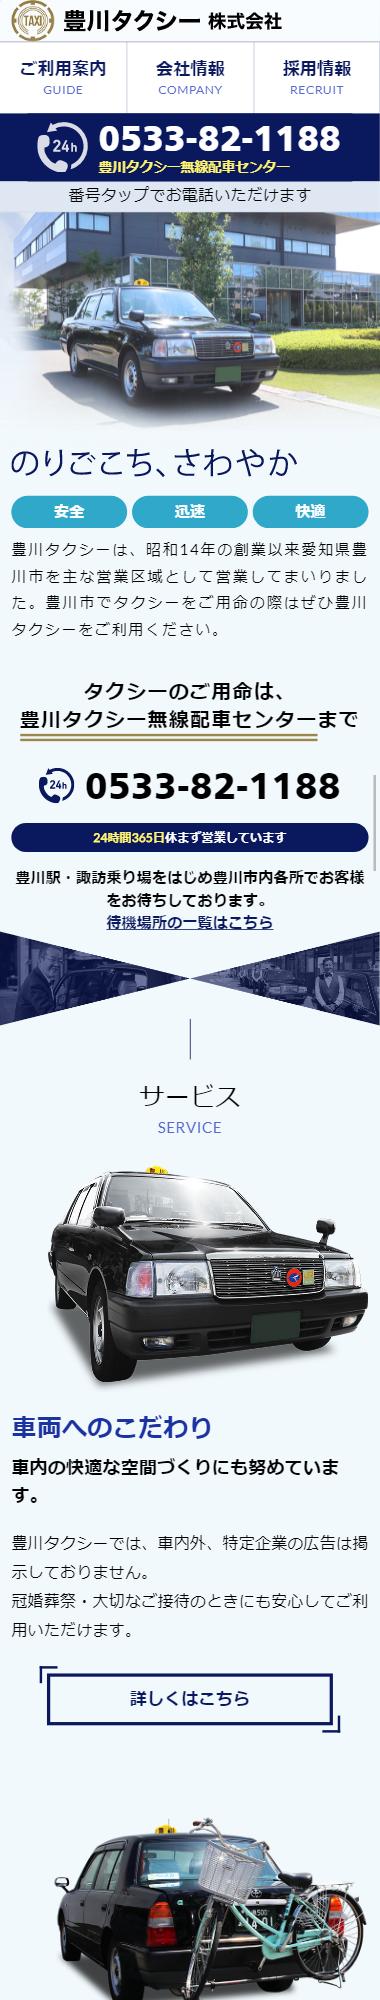 豊川タクシー様 サイトリニューアル